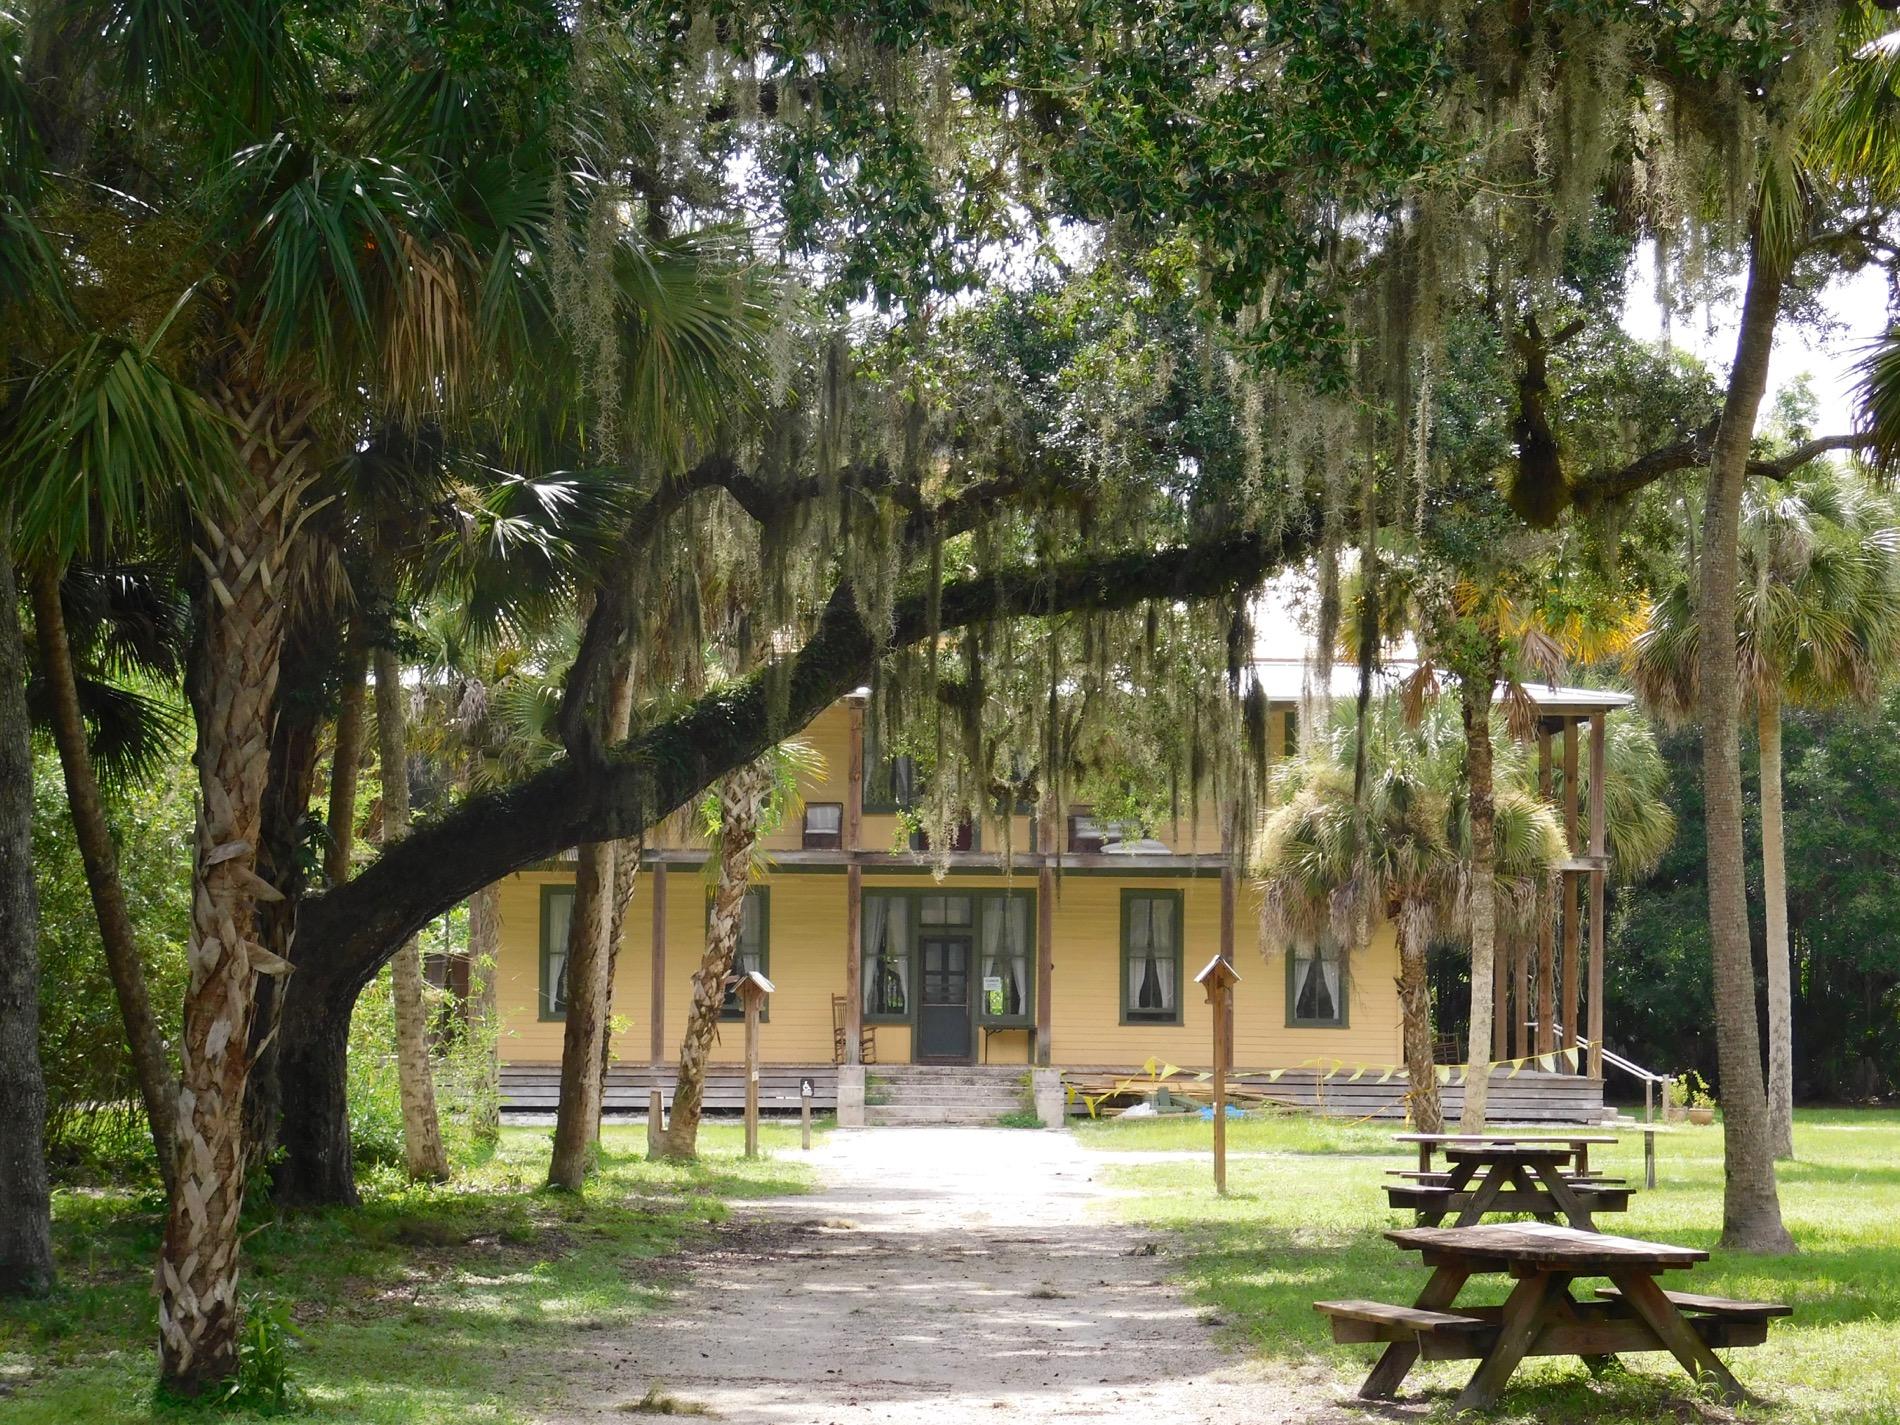 Photo of Village Koreshan : un beau site construit par une secte au XIXème siècle à Estero, en Floride